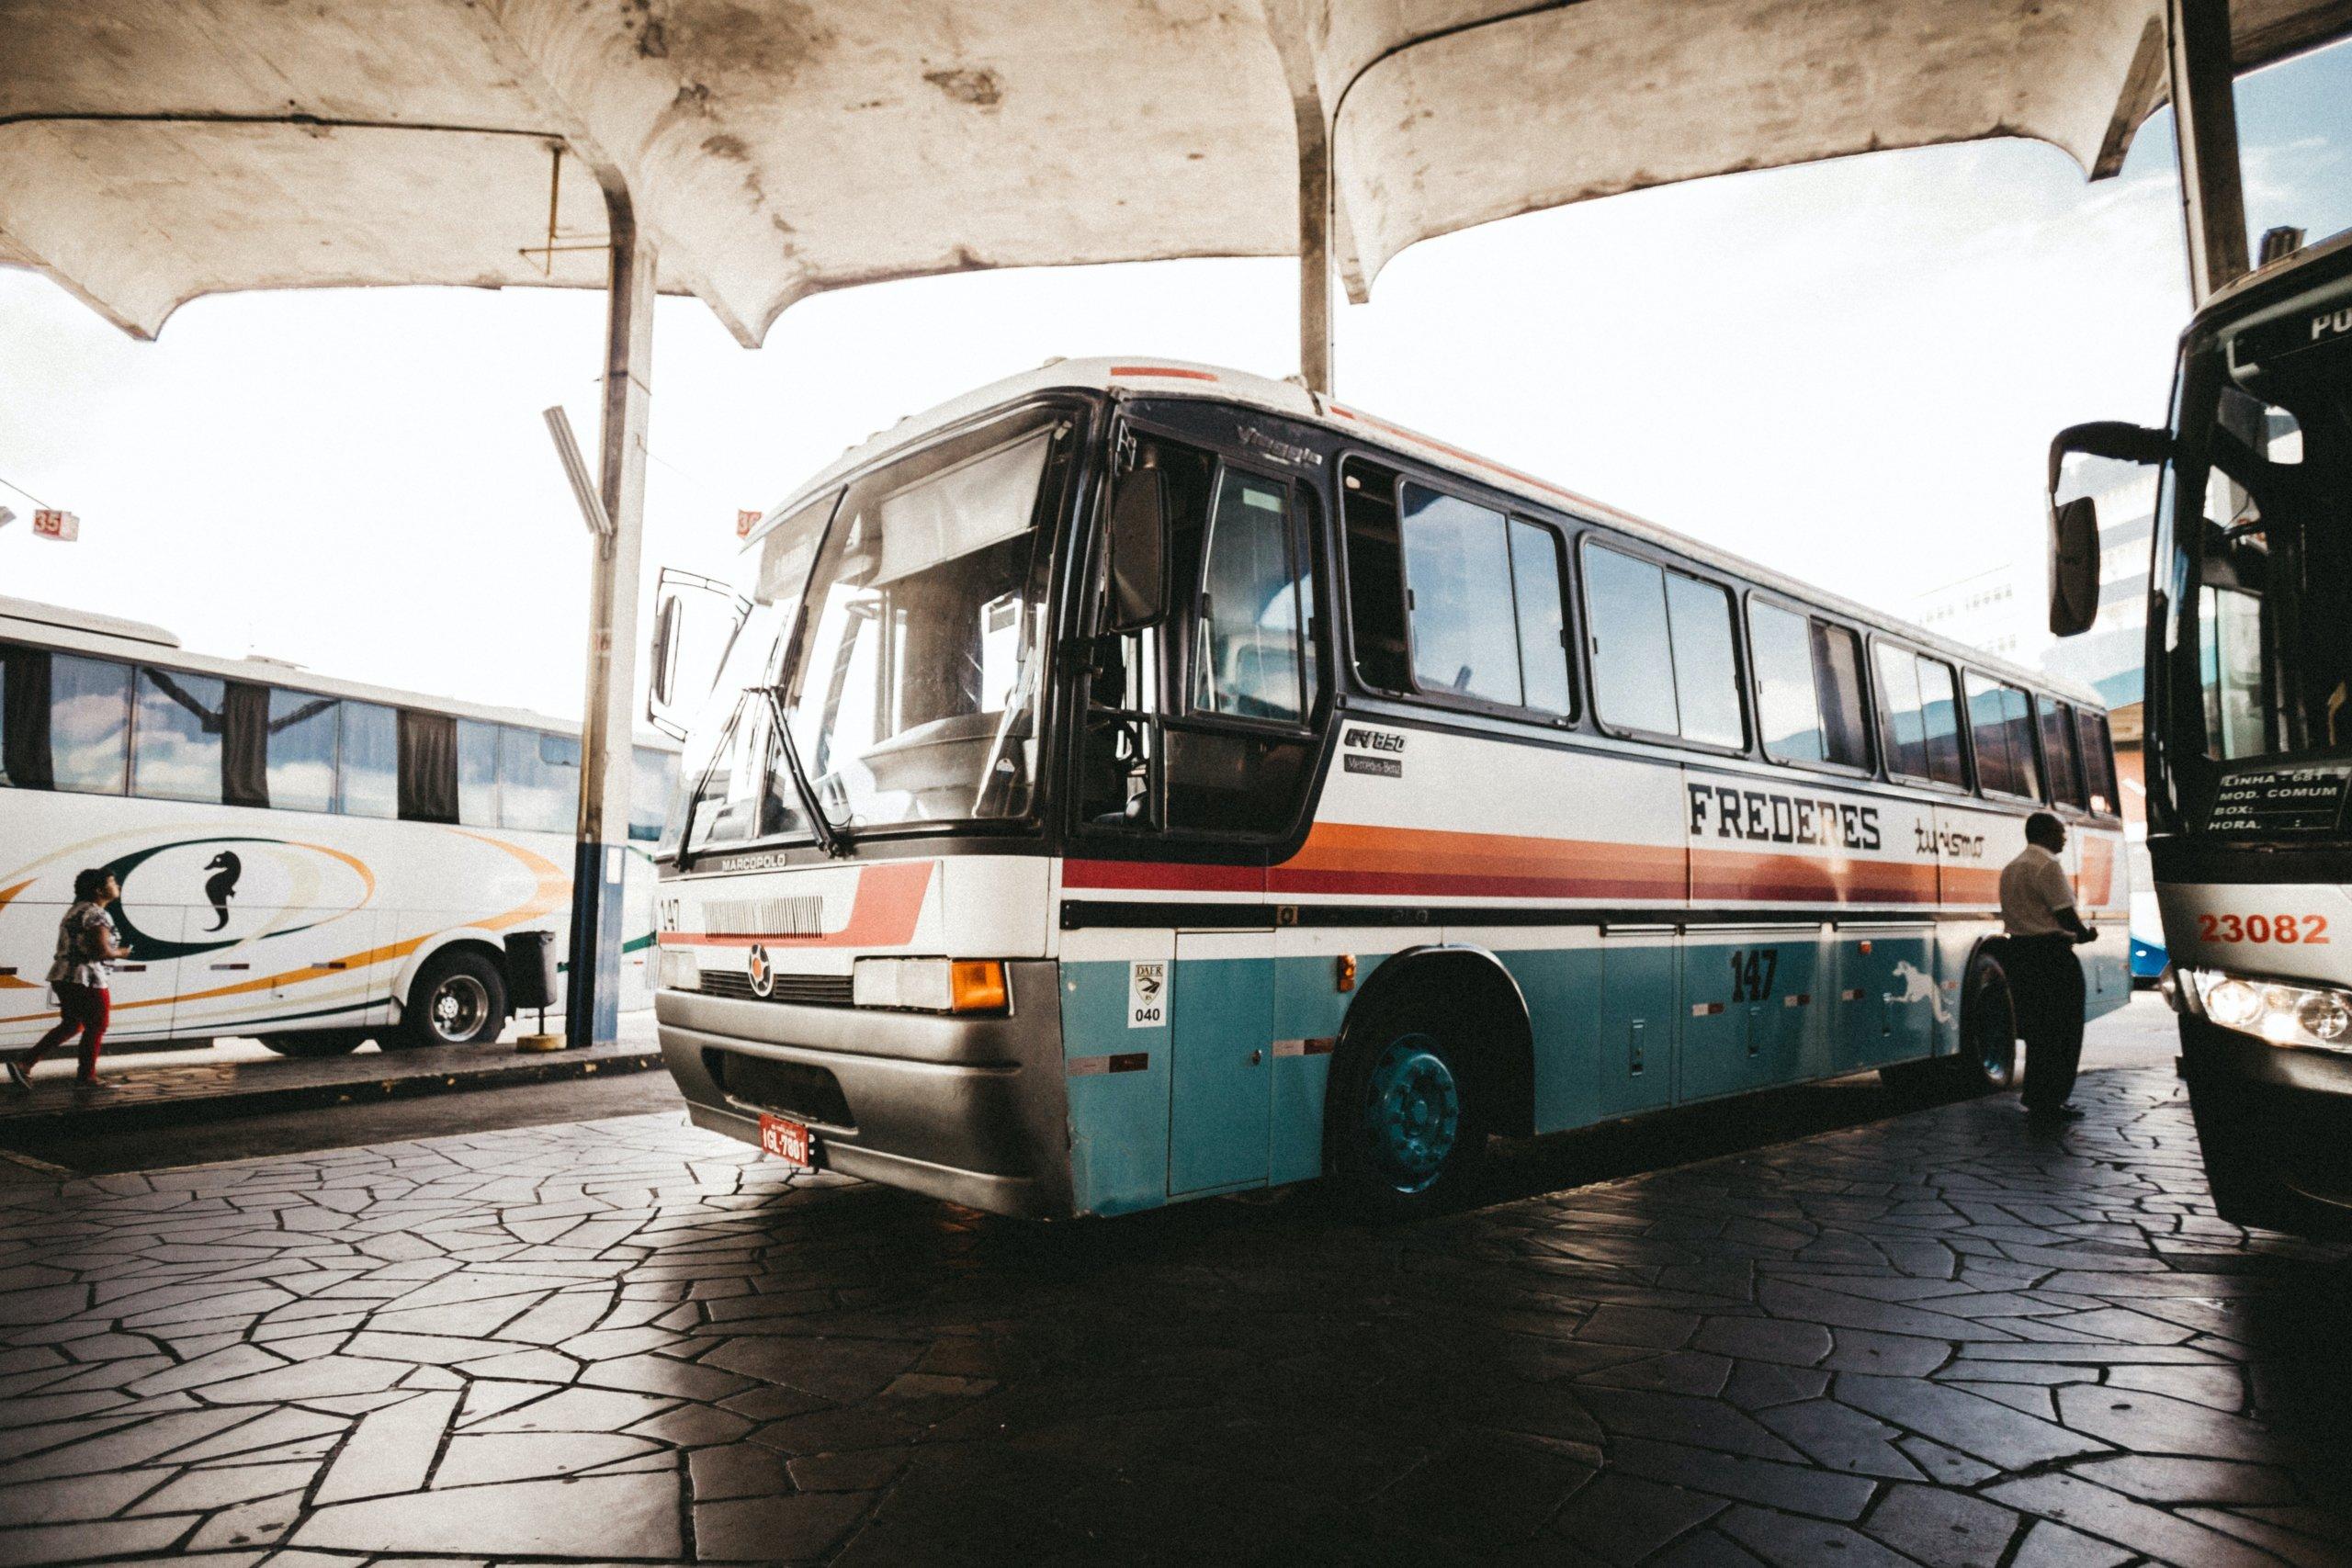 Kratka horor priča: Duge vožnje busom ljeti